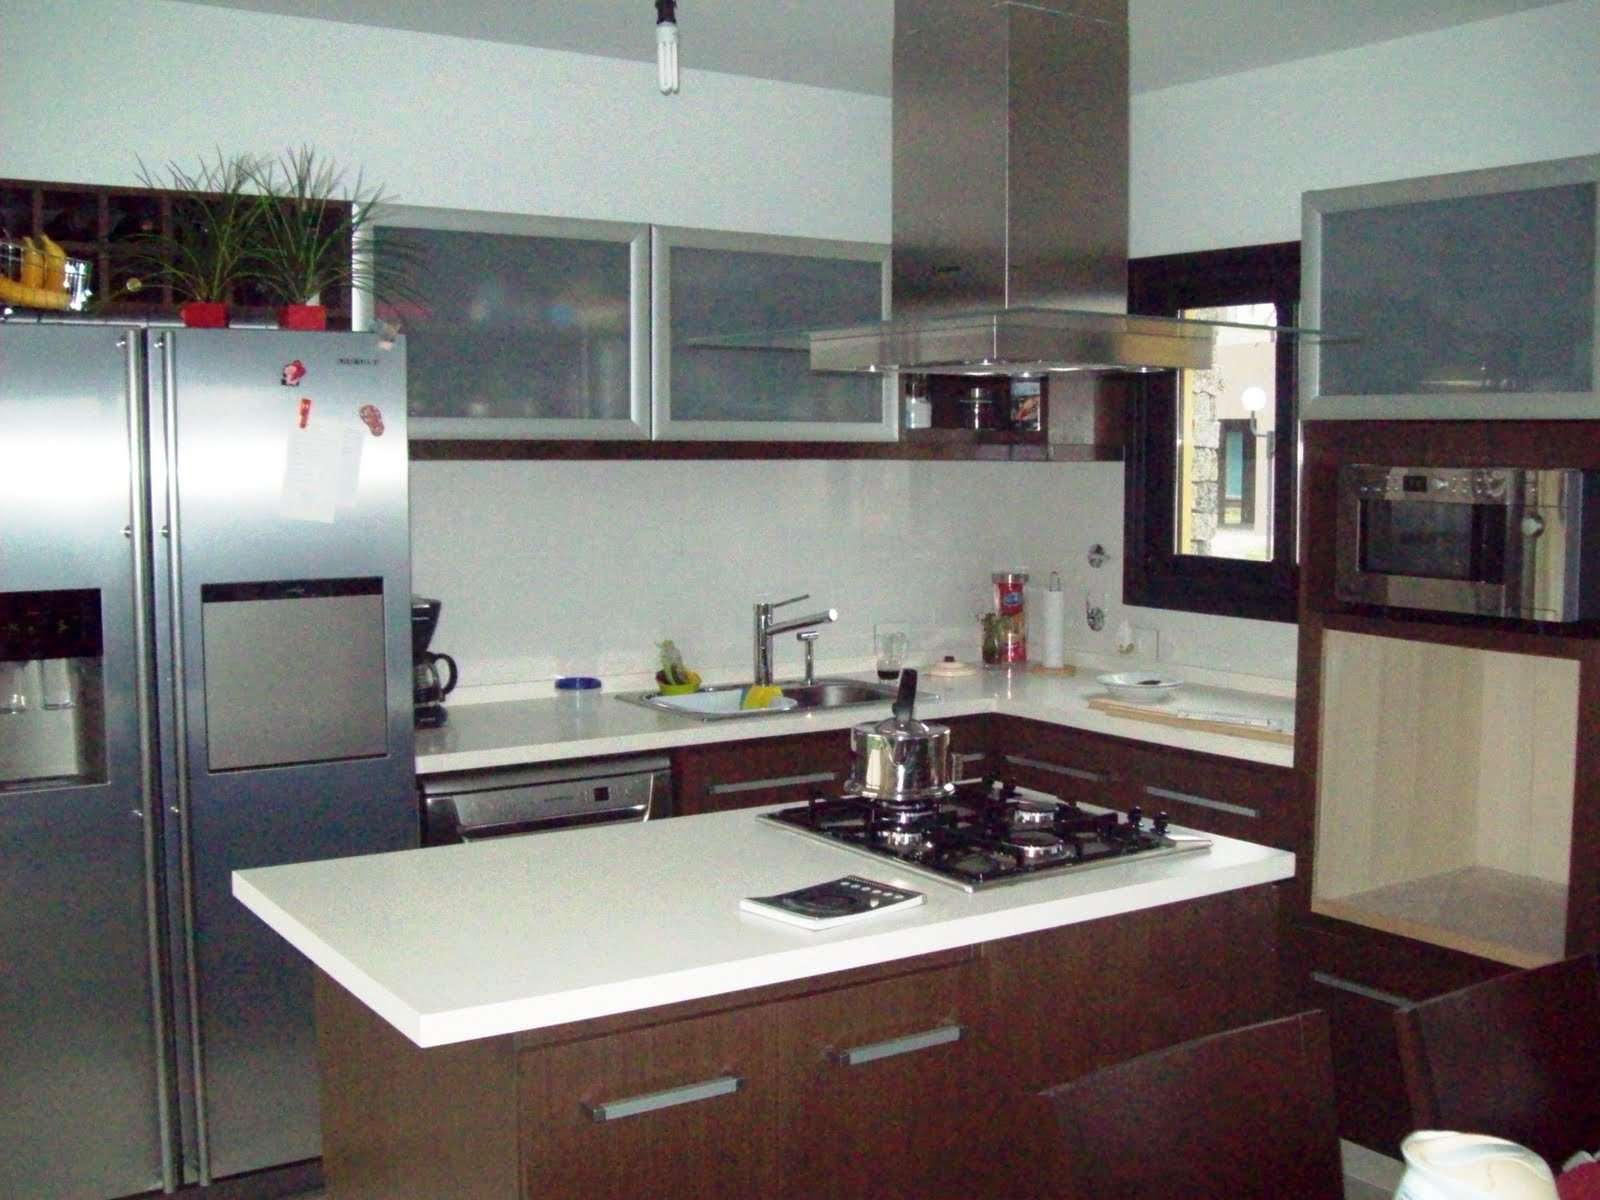 Estilos el uso de las islas en la cocina for Cocinas integrales con isla pequenas